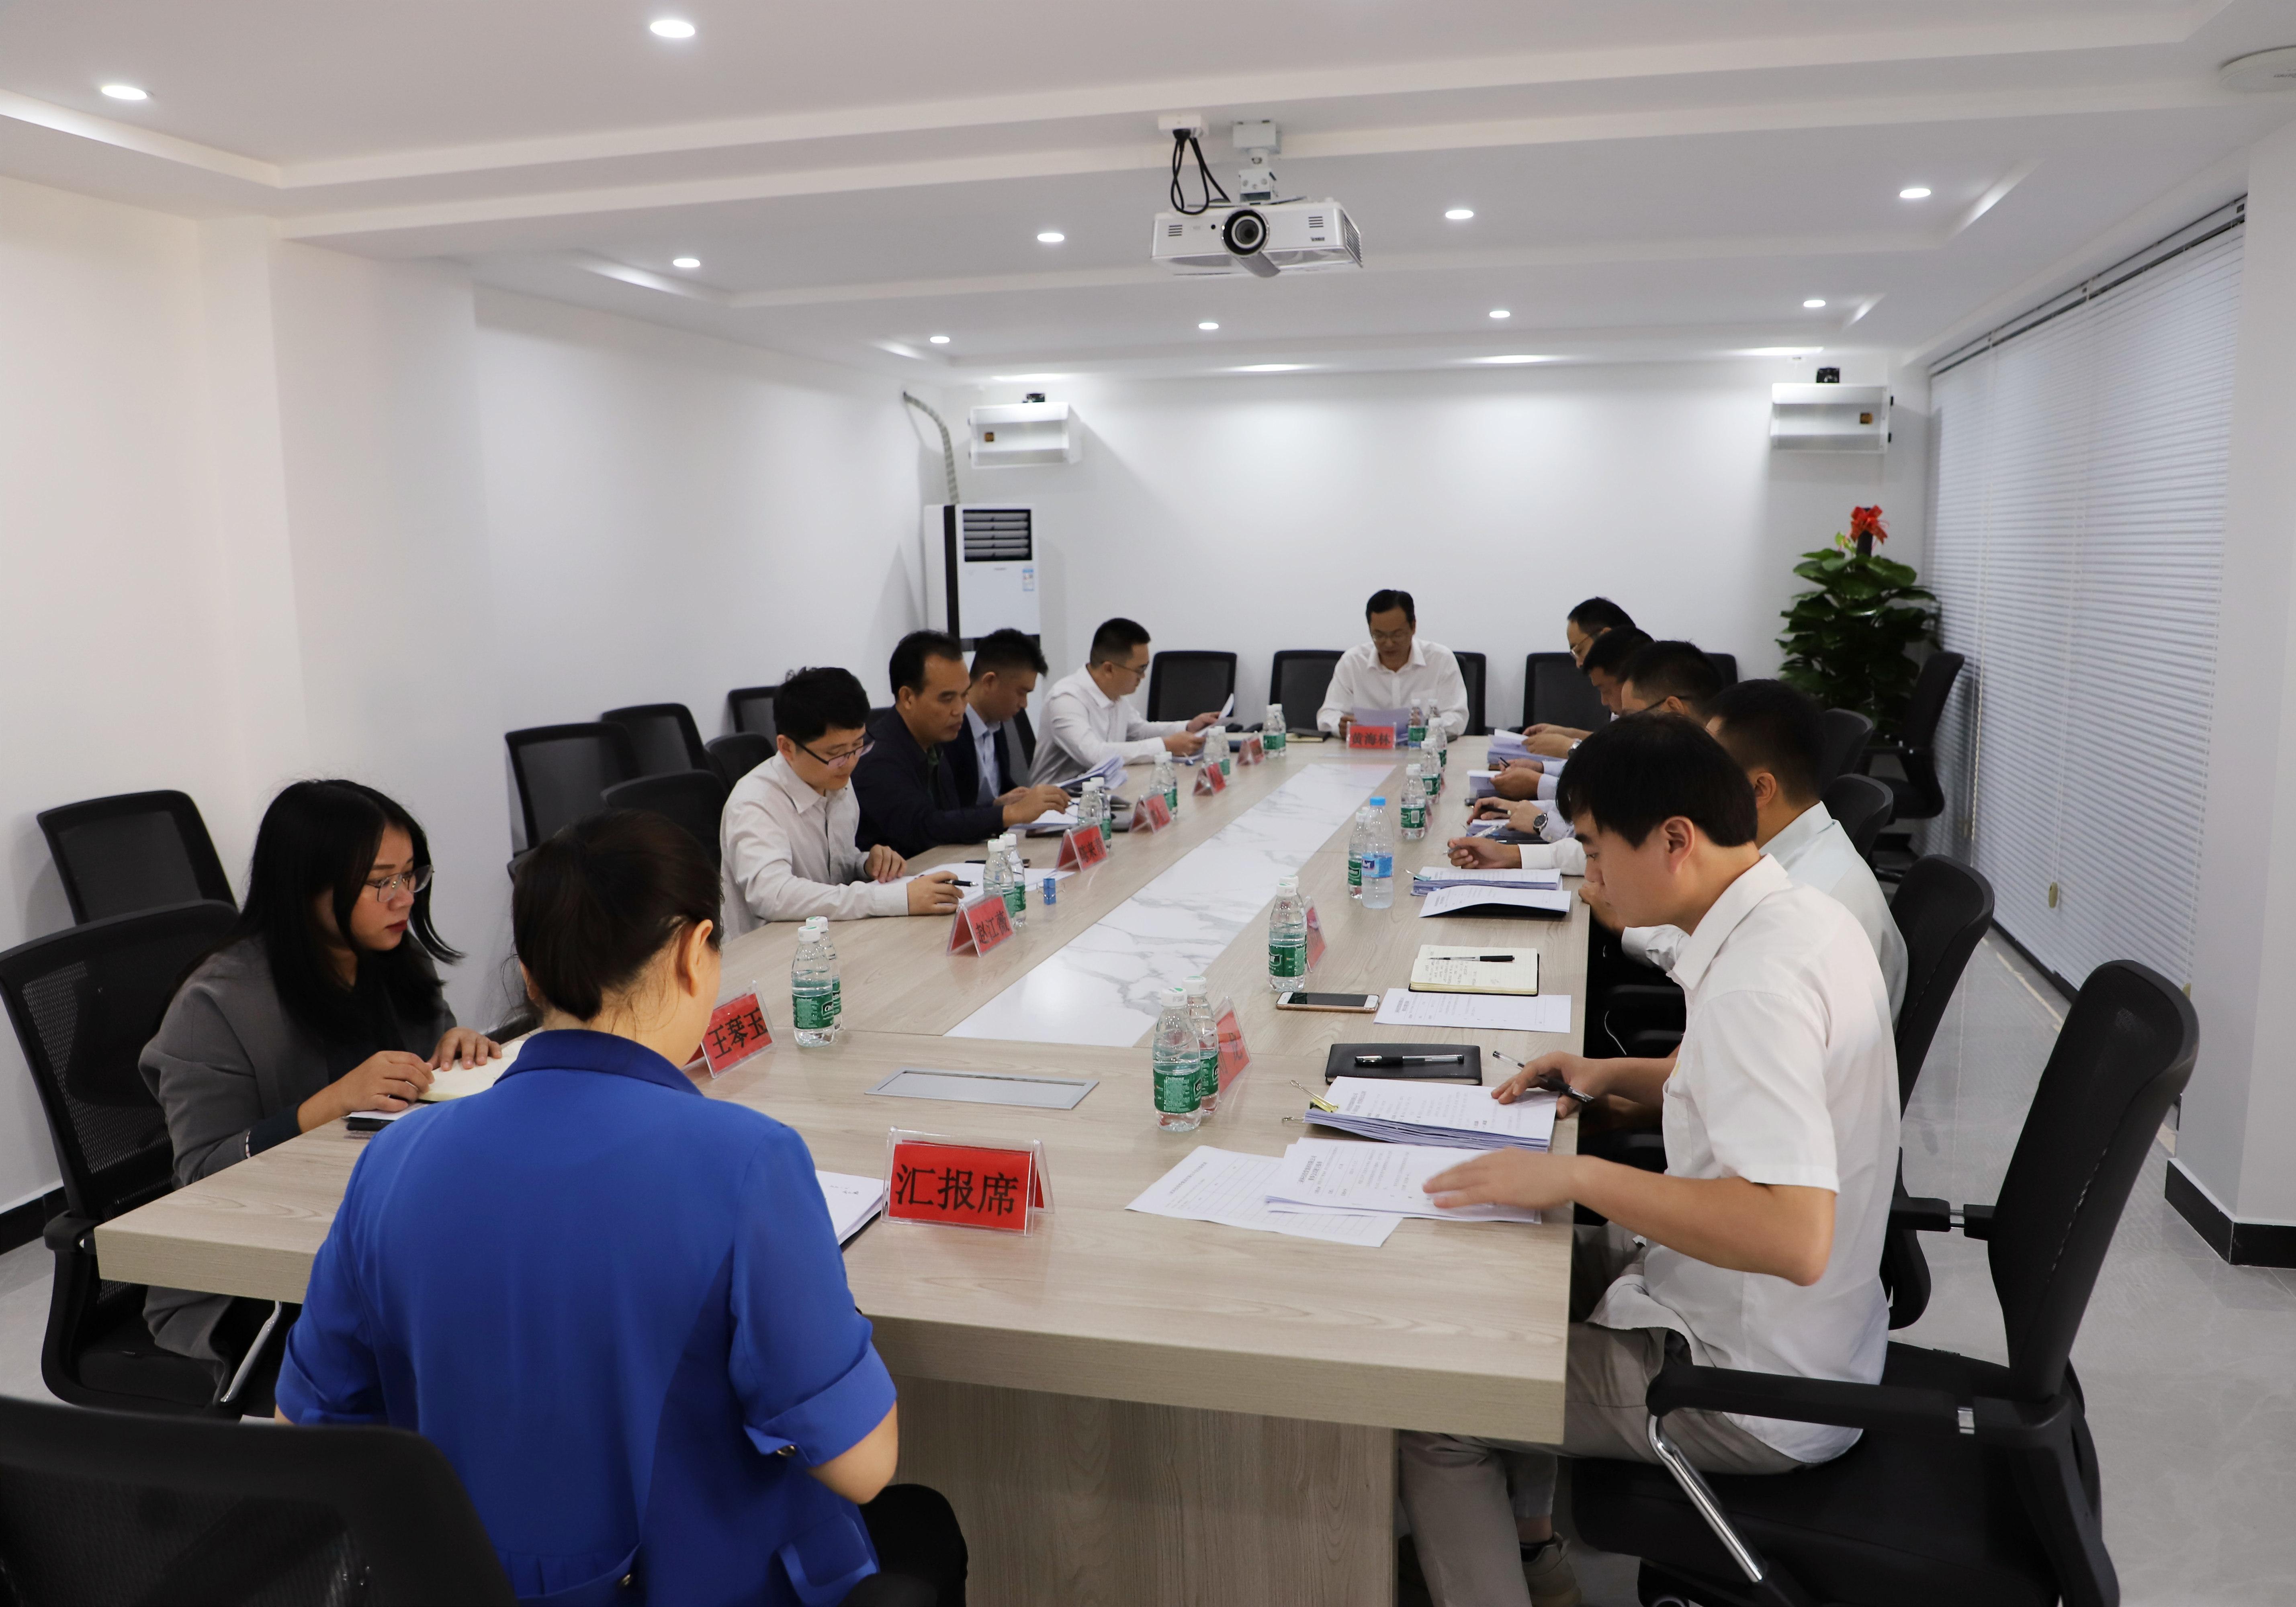 三亚科投集团顺利召开第一届董事会第一次会议